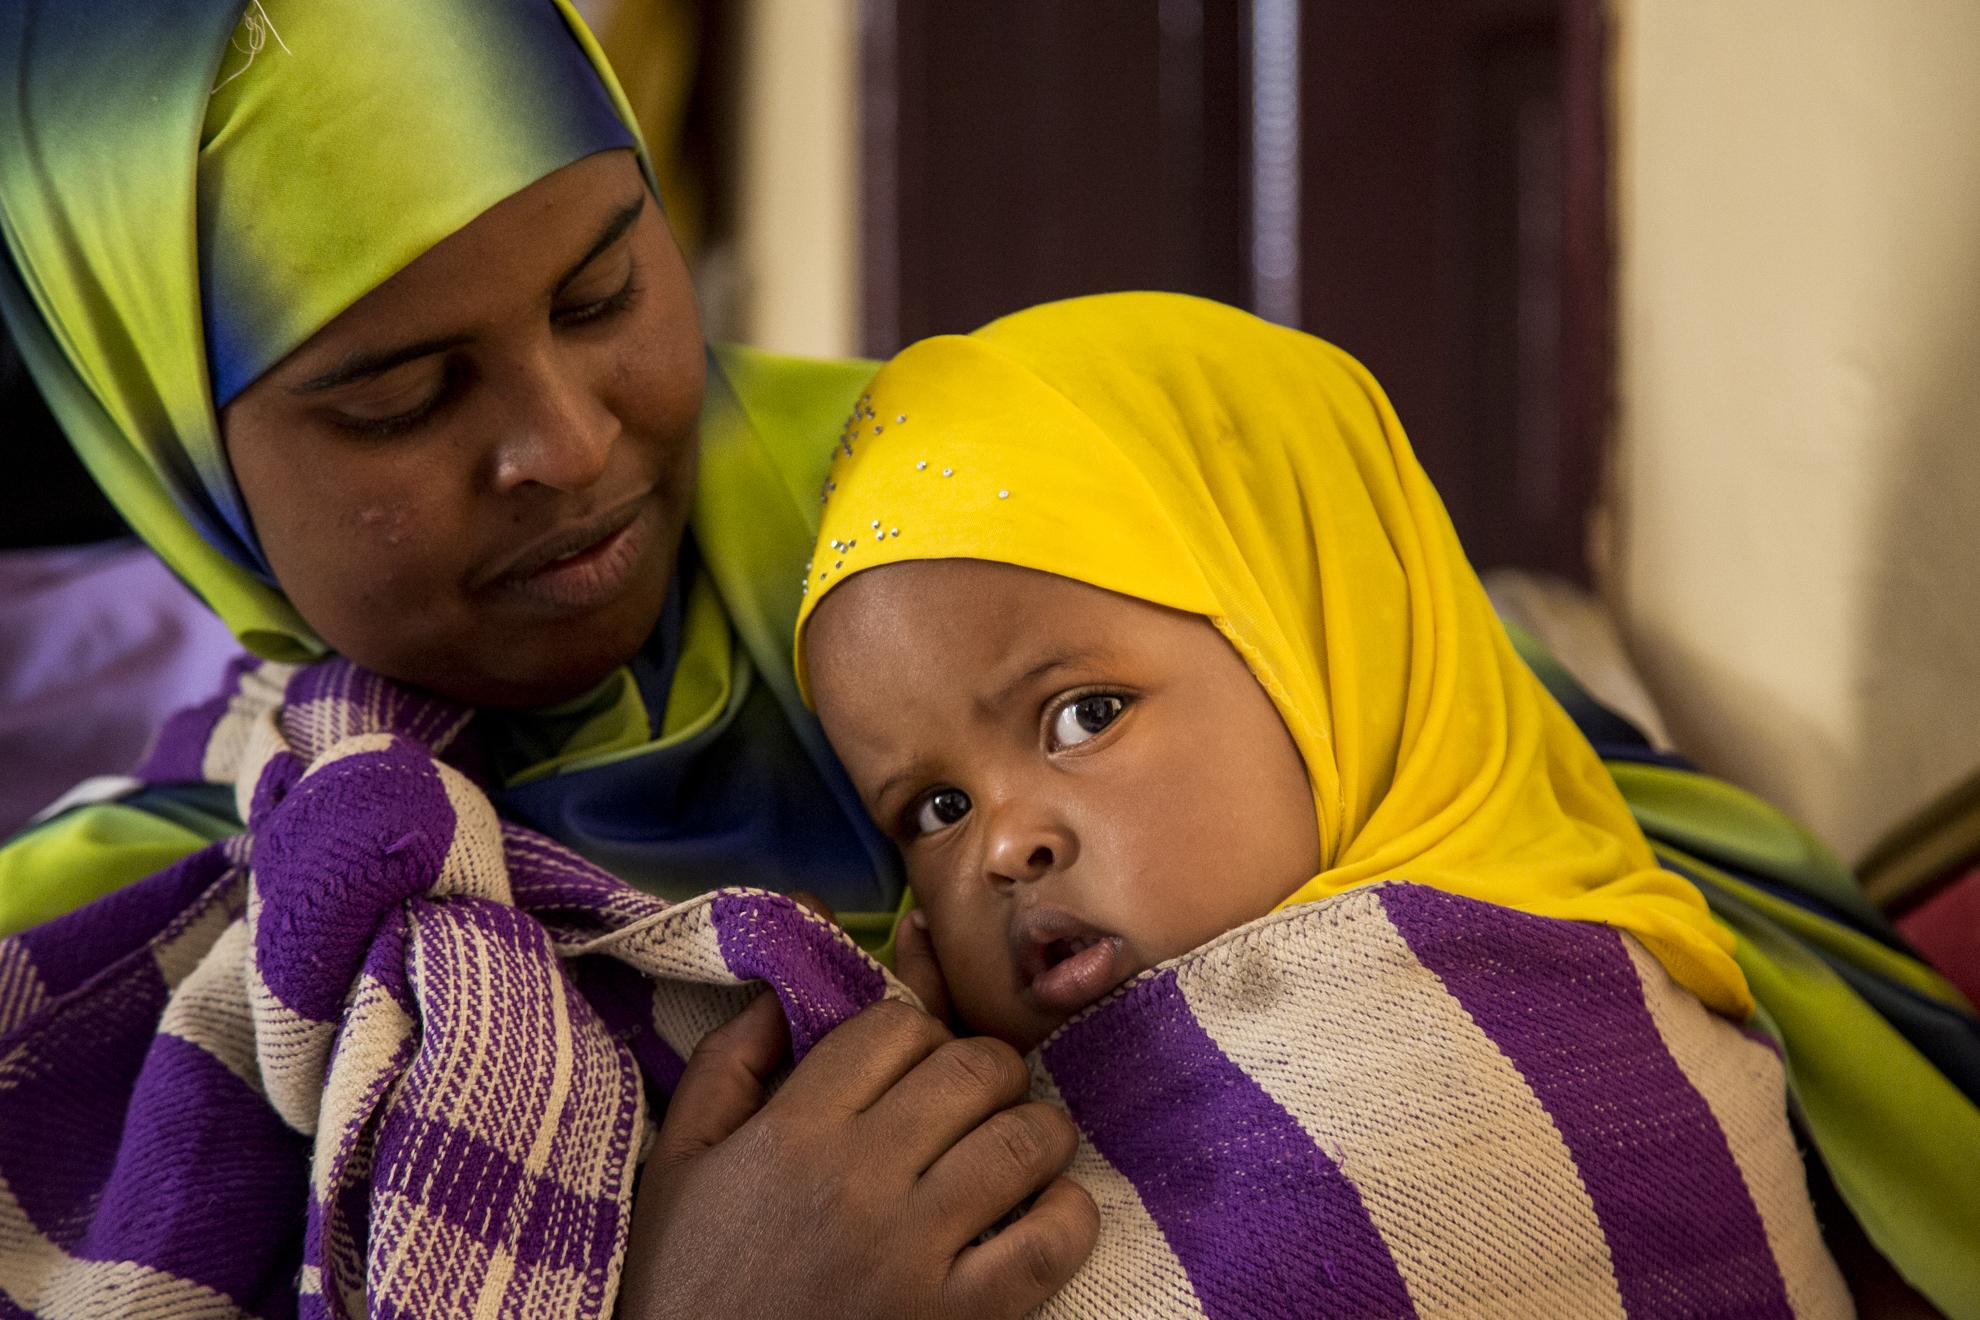 IPPF_Somaliland_ZFlood-7271_007.jpg